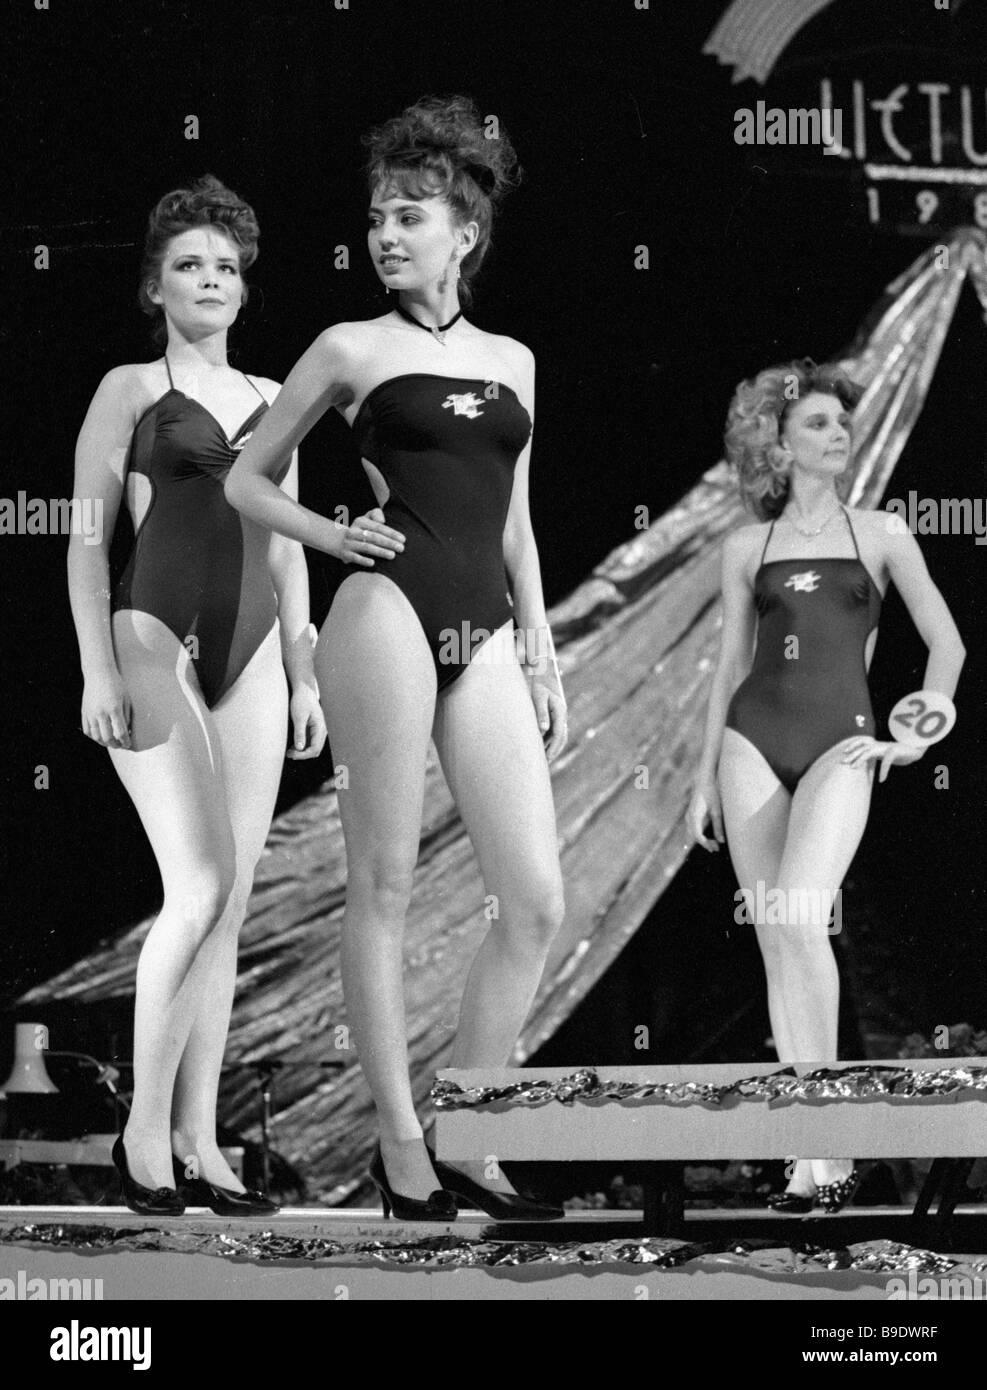 Miss Lituania 1989 concursantes en el escenario Foto de stock